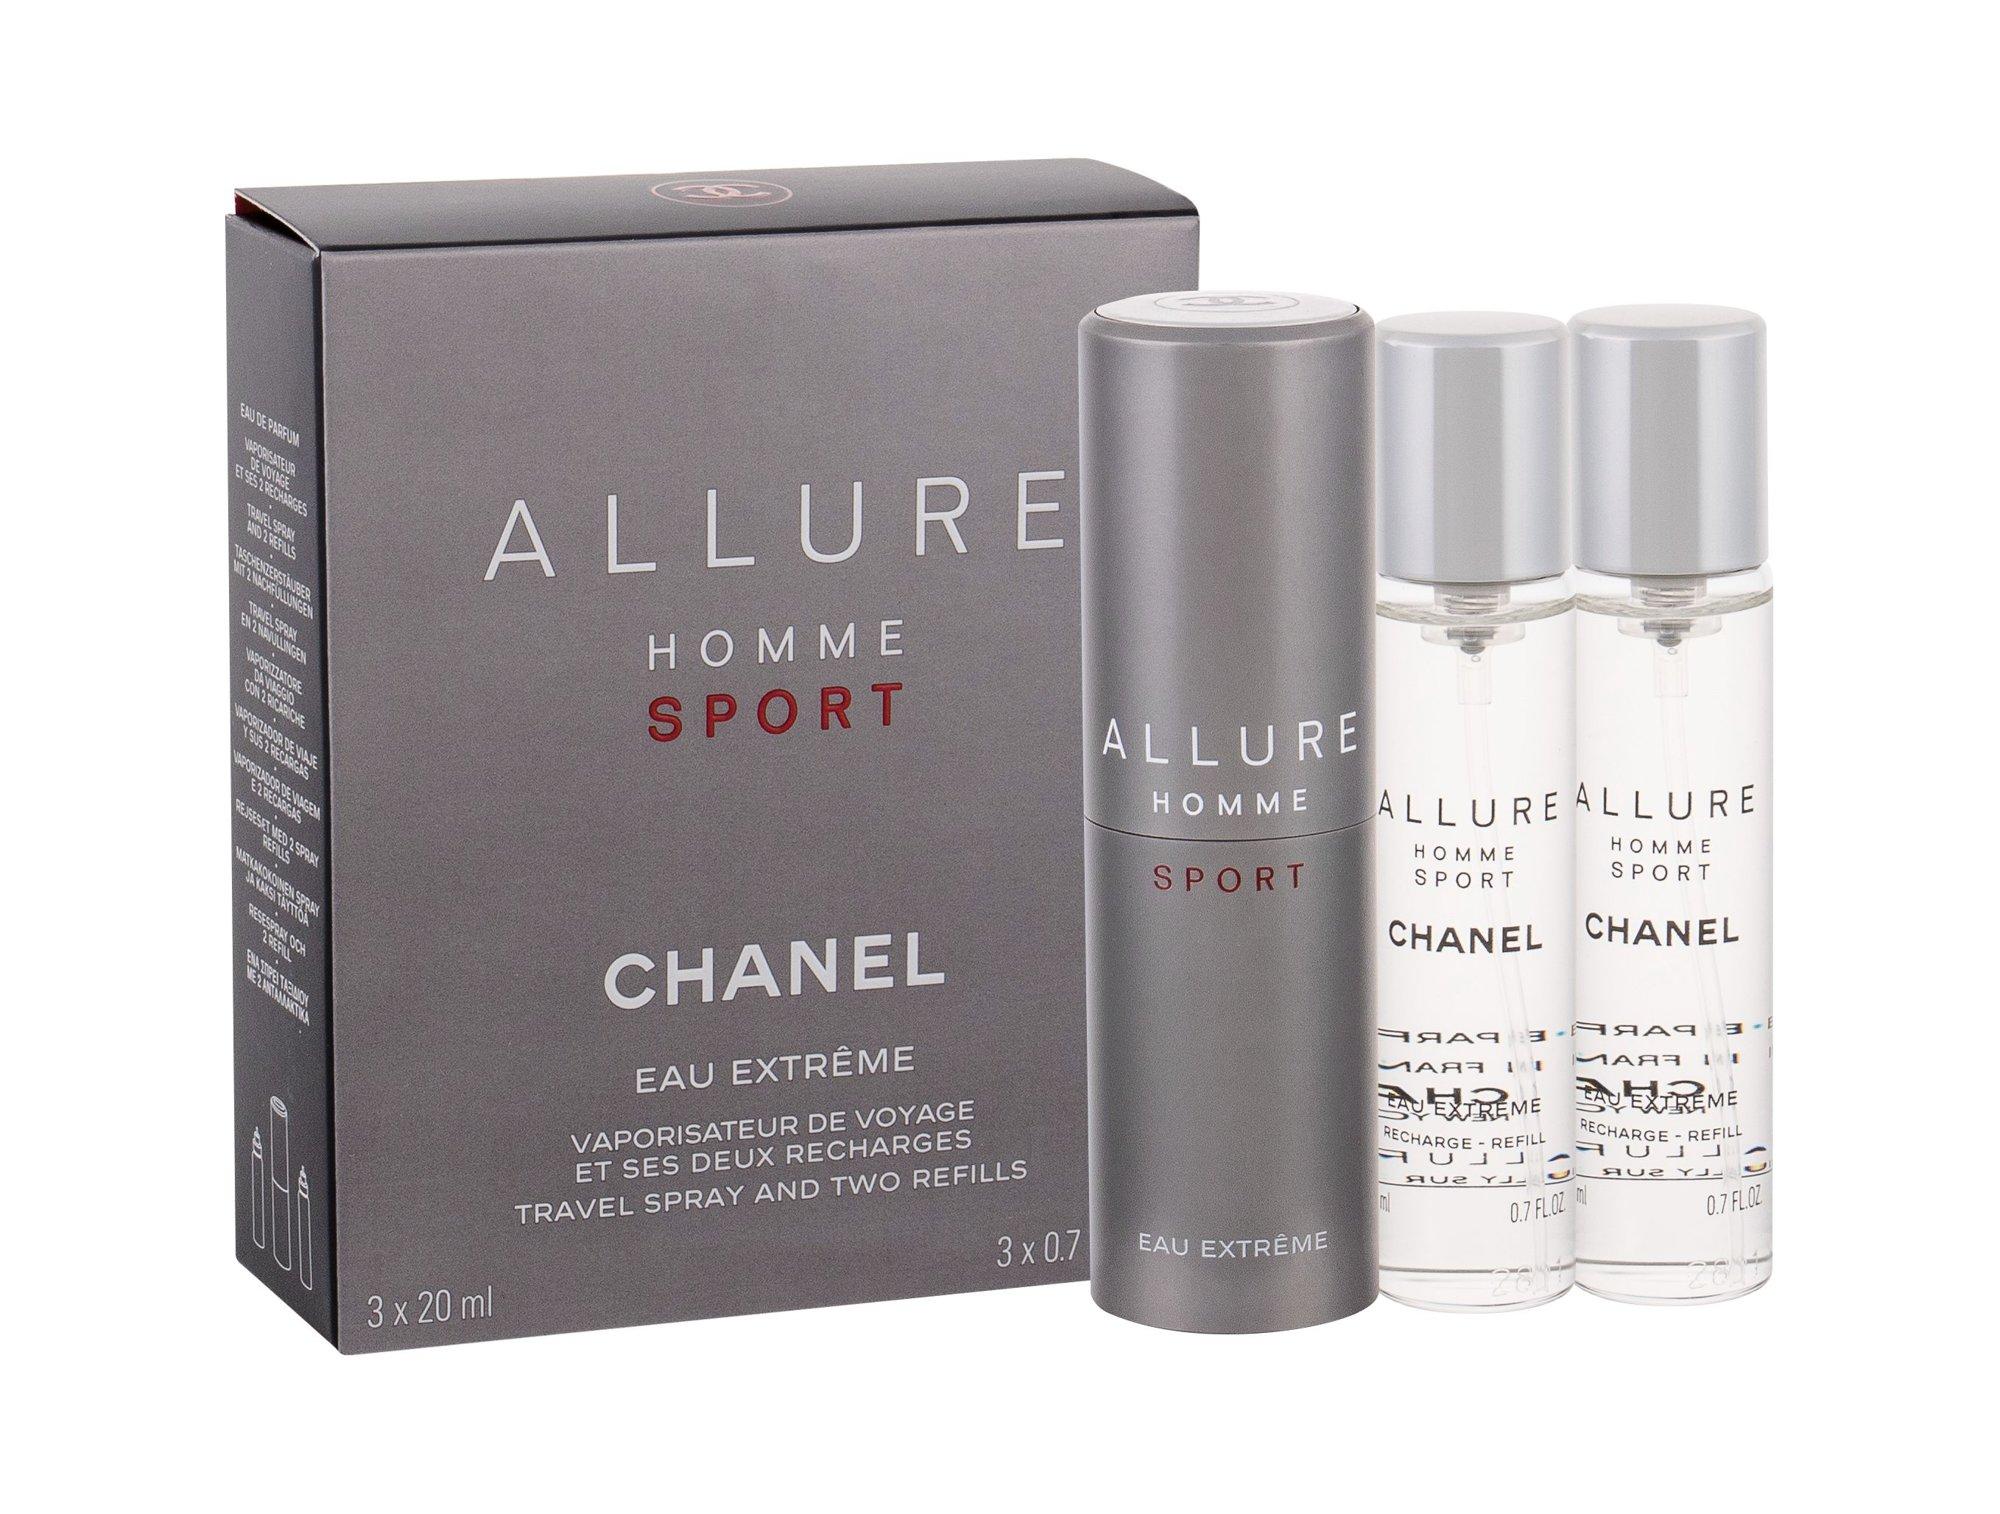 Chanel Allure Homme Sport Eau Extreme Eau de Toilette 3x20ml